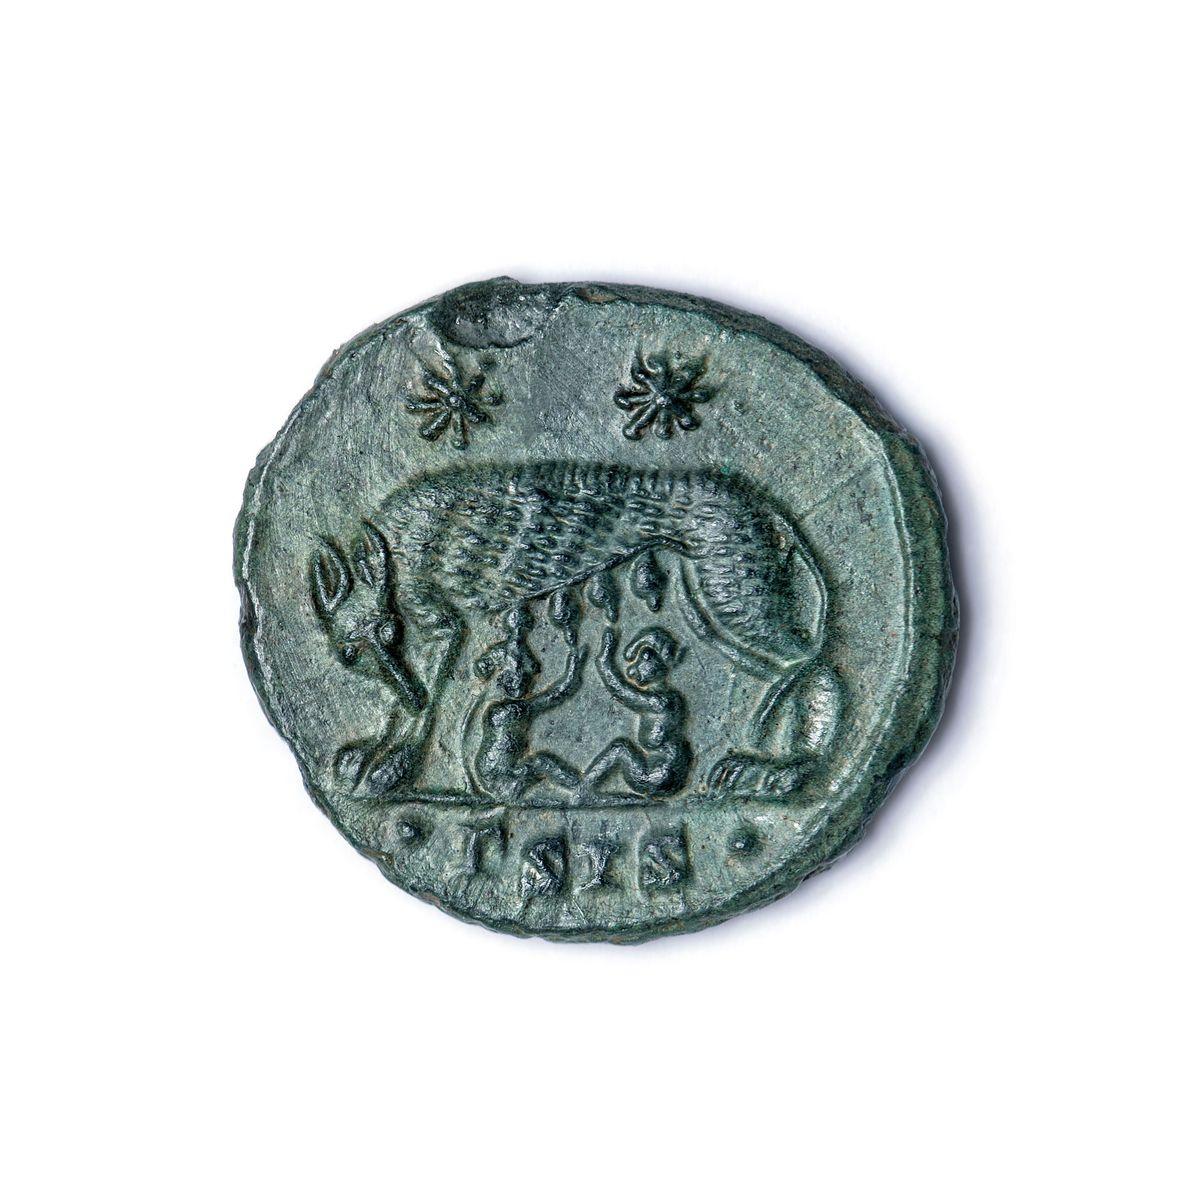 Eine Münze aus dem 4. Jahrhundert, die ebenfalls bei den Grabungsarbeiten gefunden wurde, zeigt die Wölfin ...